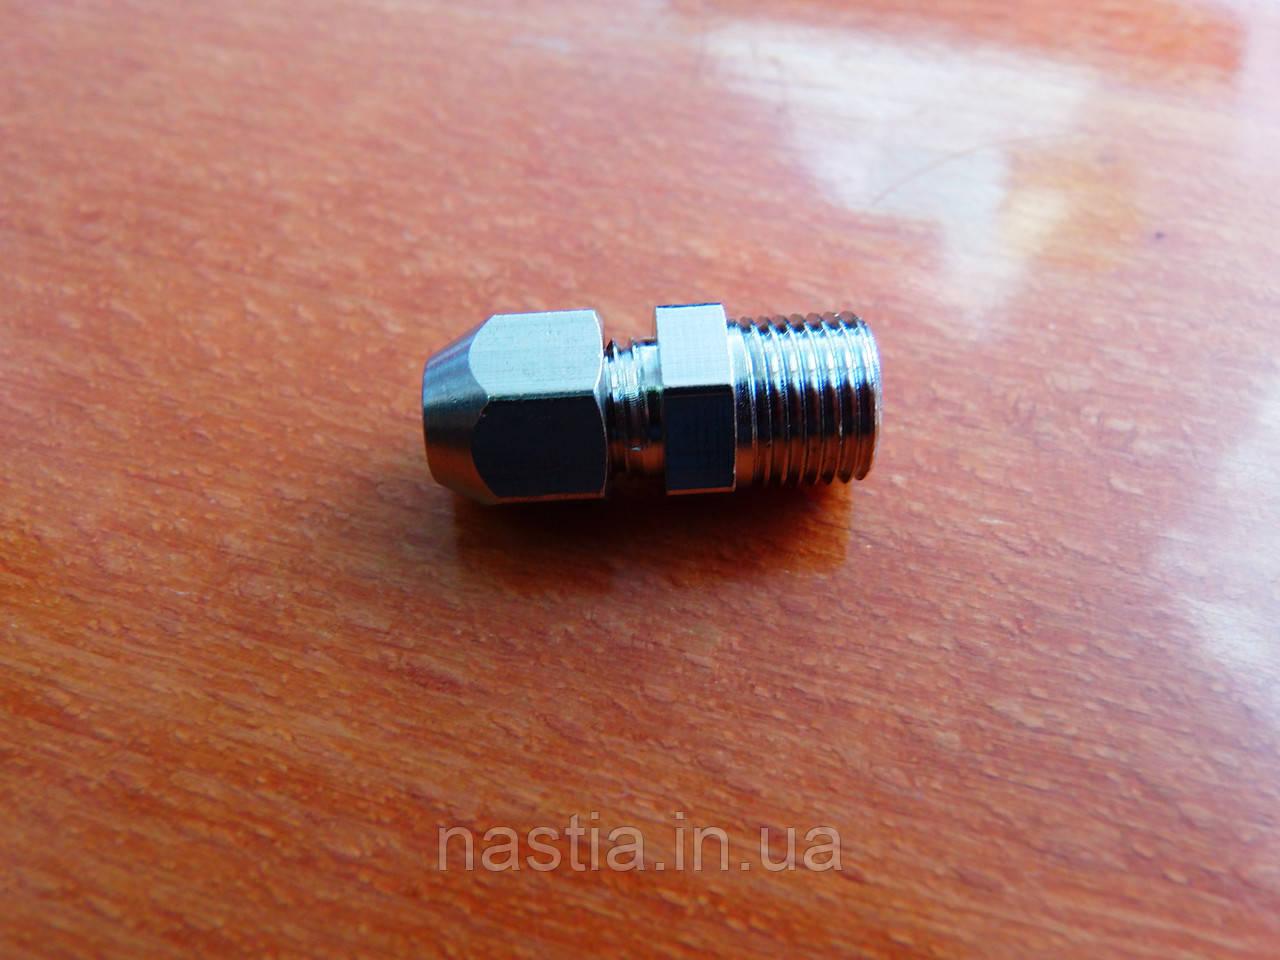 PT4 Перехідник на тефлонову трубку, d=2x4mm, вихід на 1/8